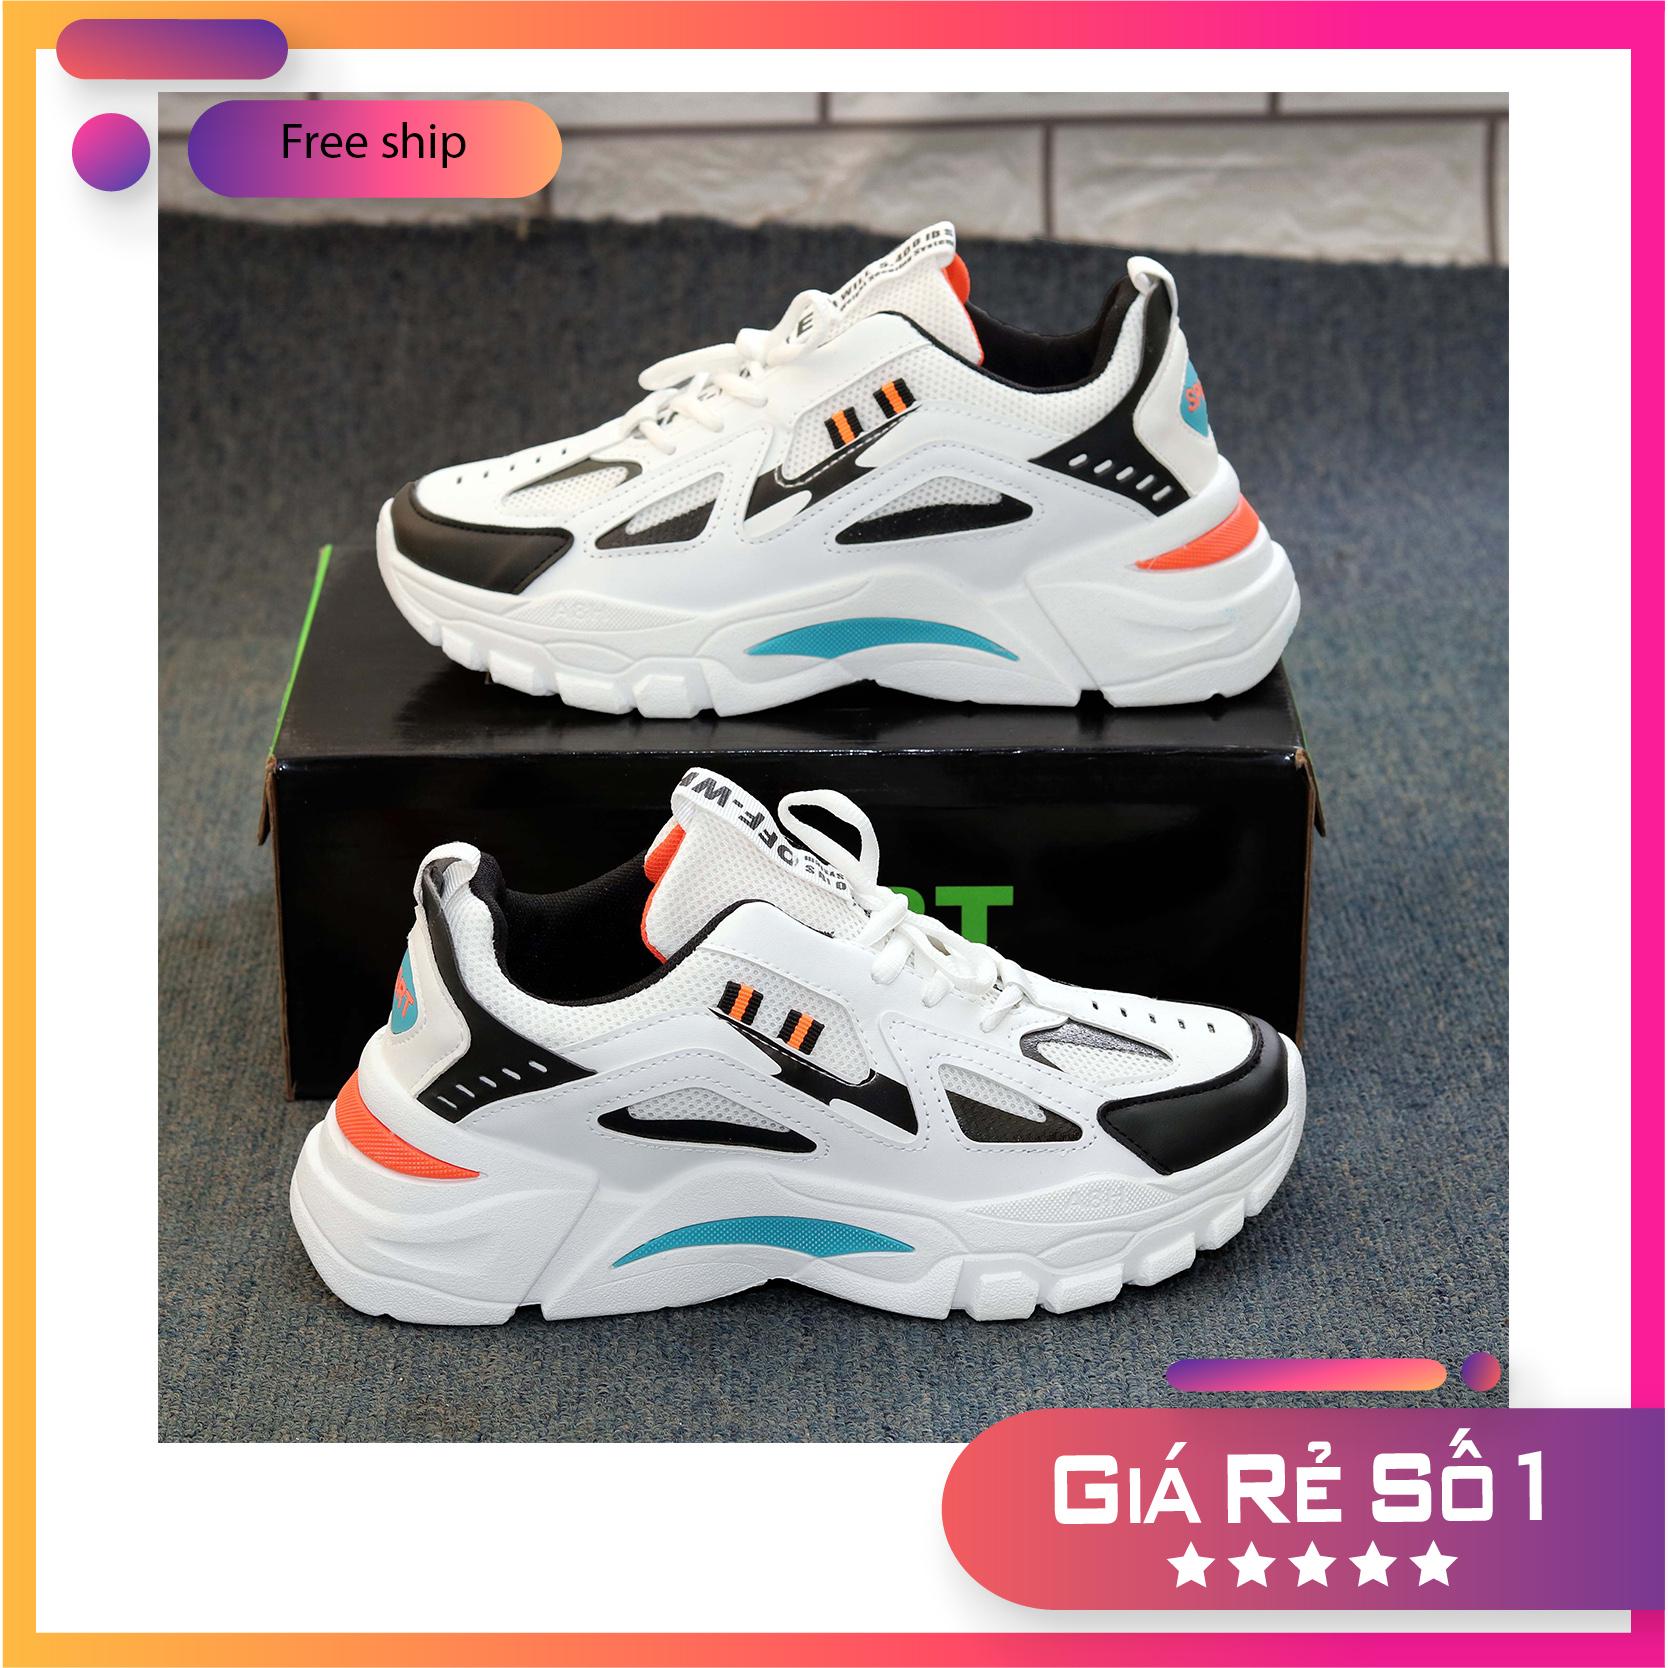 Giày Nam, Giày Thể Thao Nam, Giày Sneaker Nam Nữ, Giày Thể Thao Hot Trend Cao Cấp - Tặng Kèm Tất Lửa Nam Với Giá Sốc